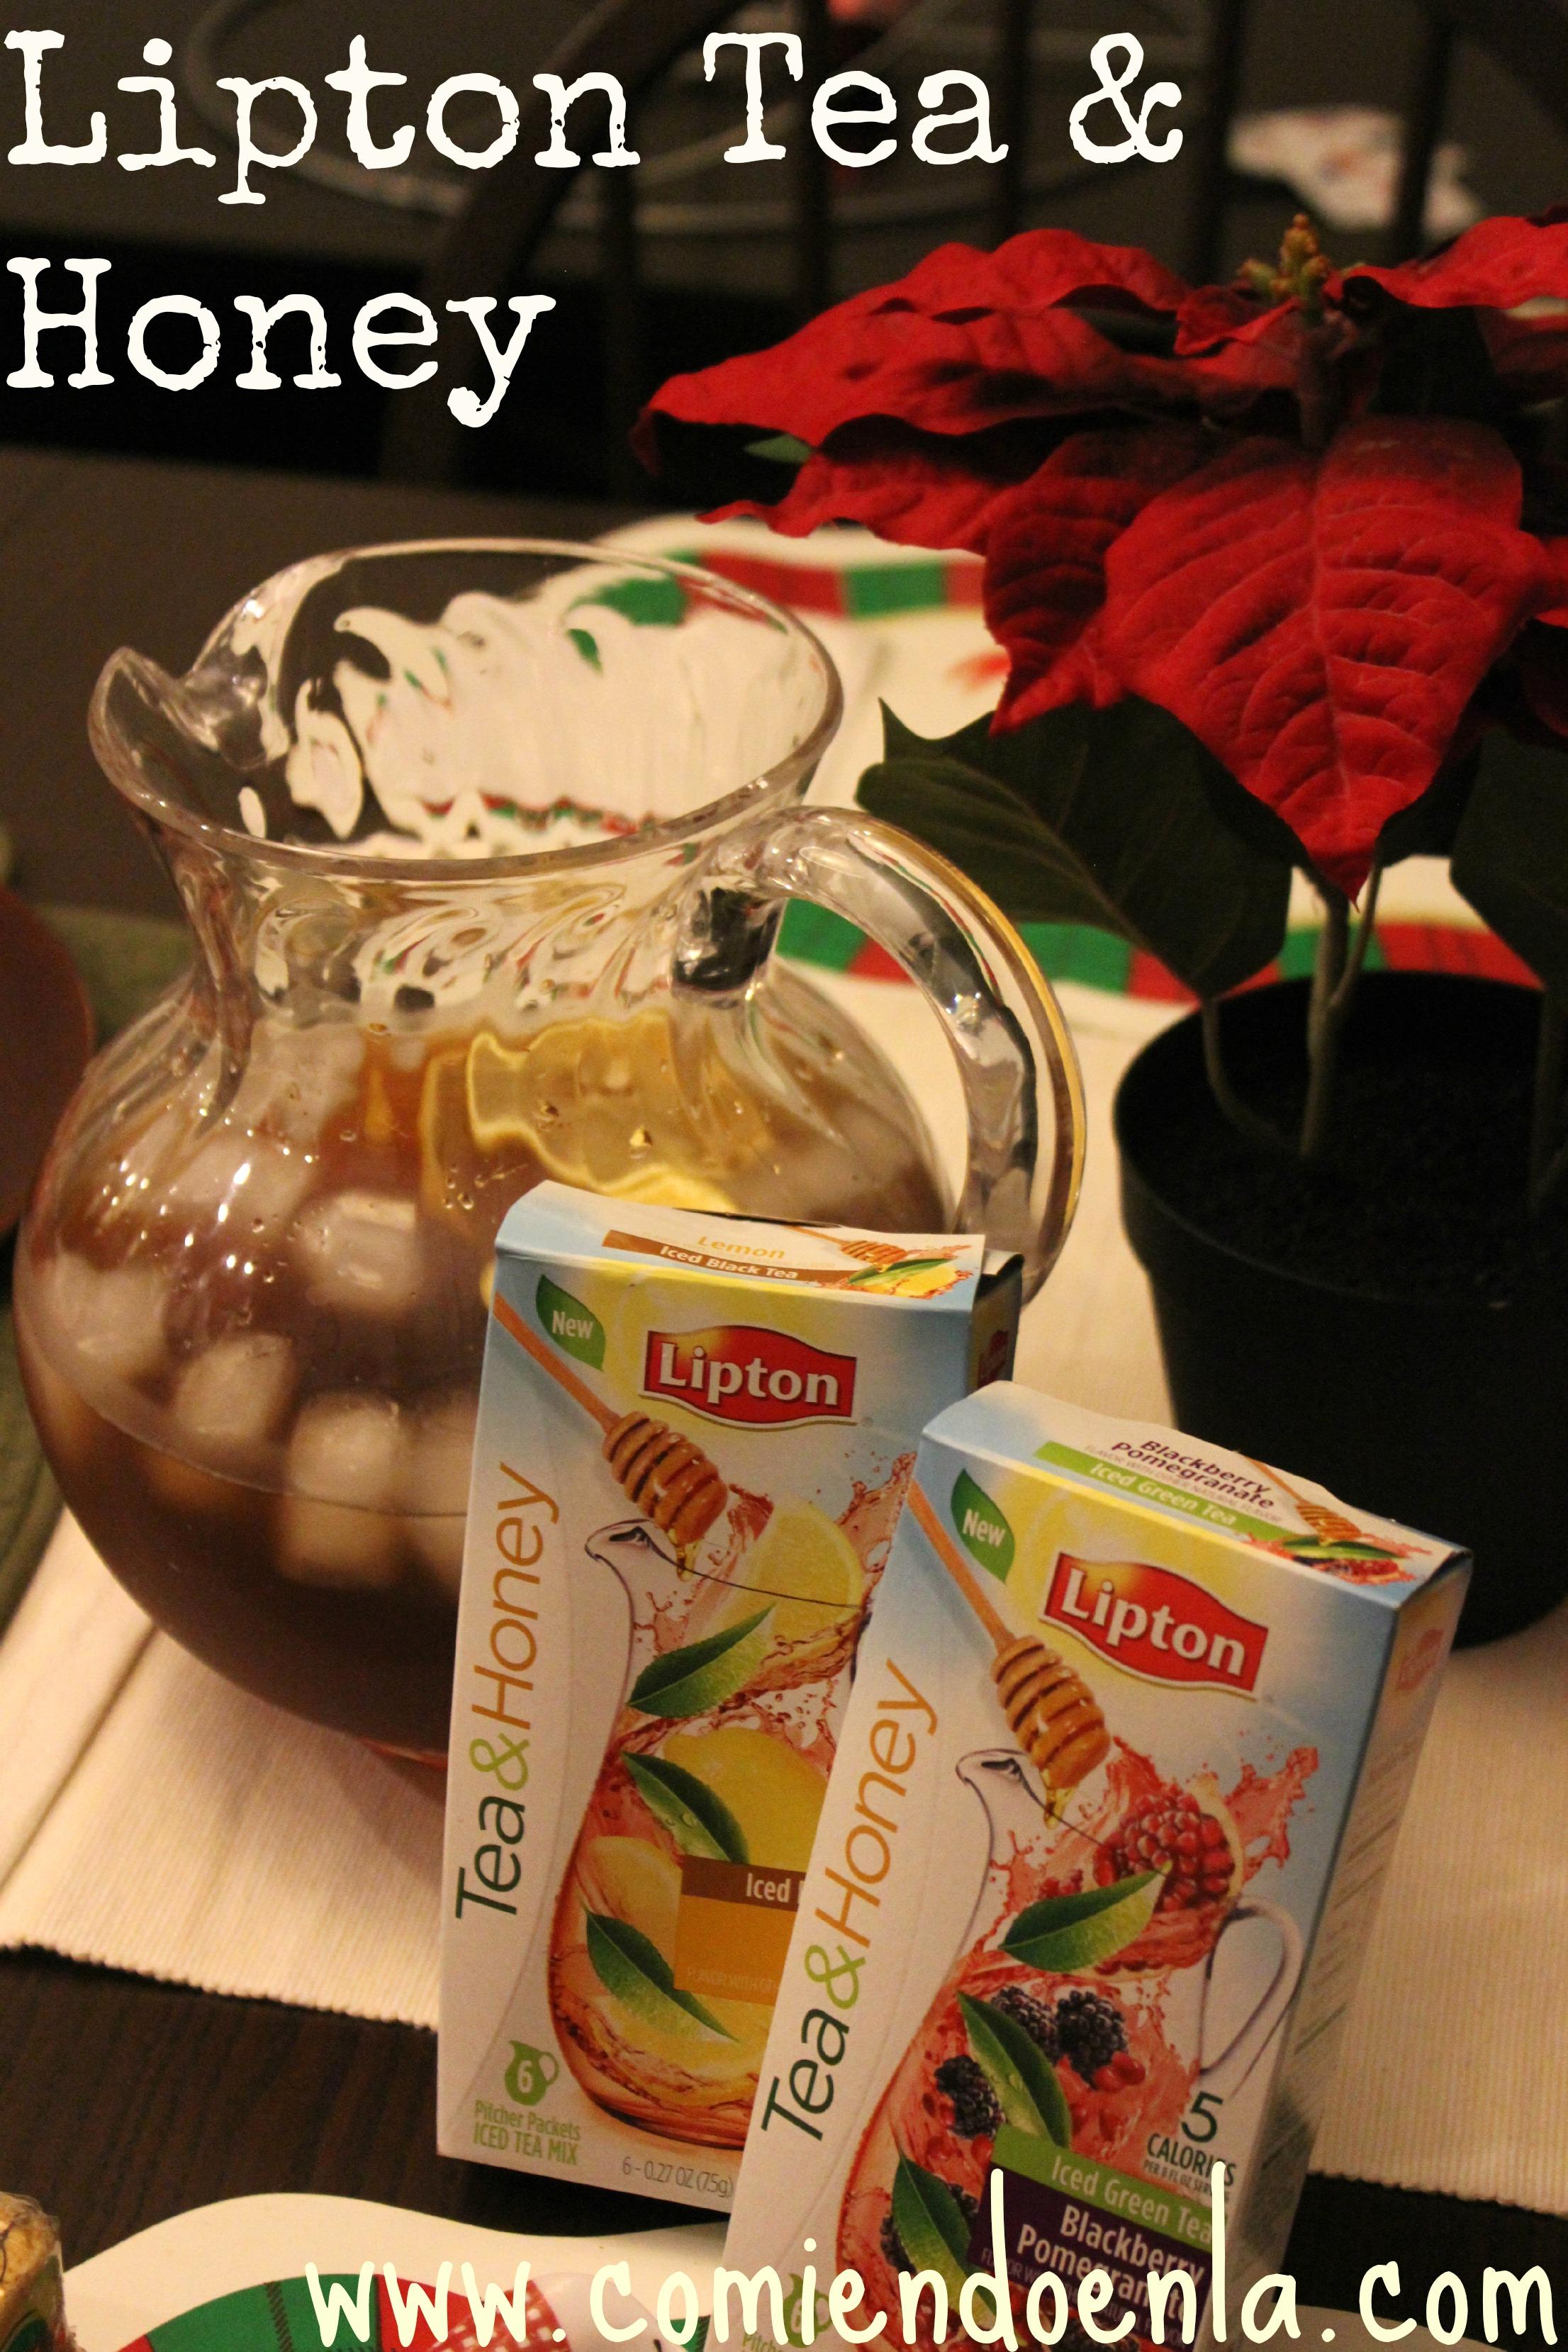 Lipton Tea & Honey #FamilyTeaTime